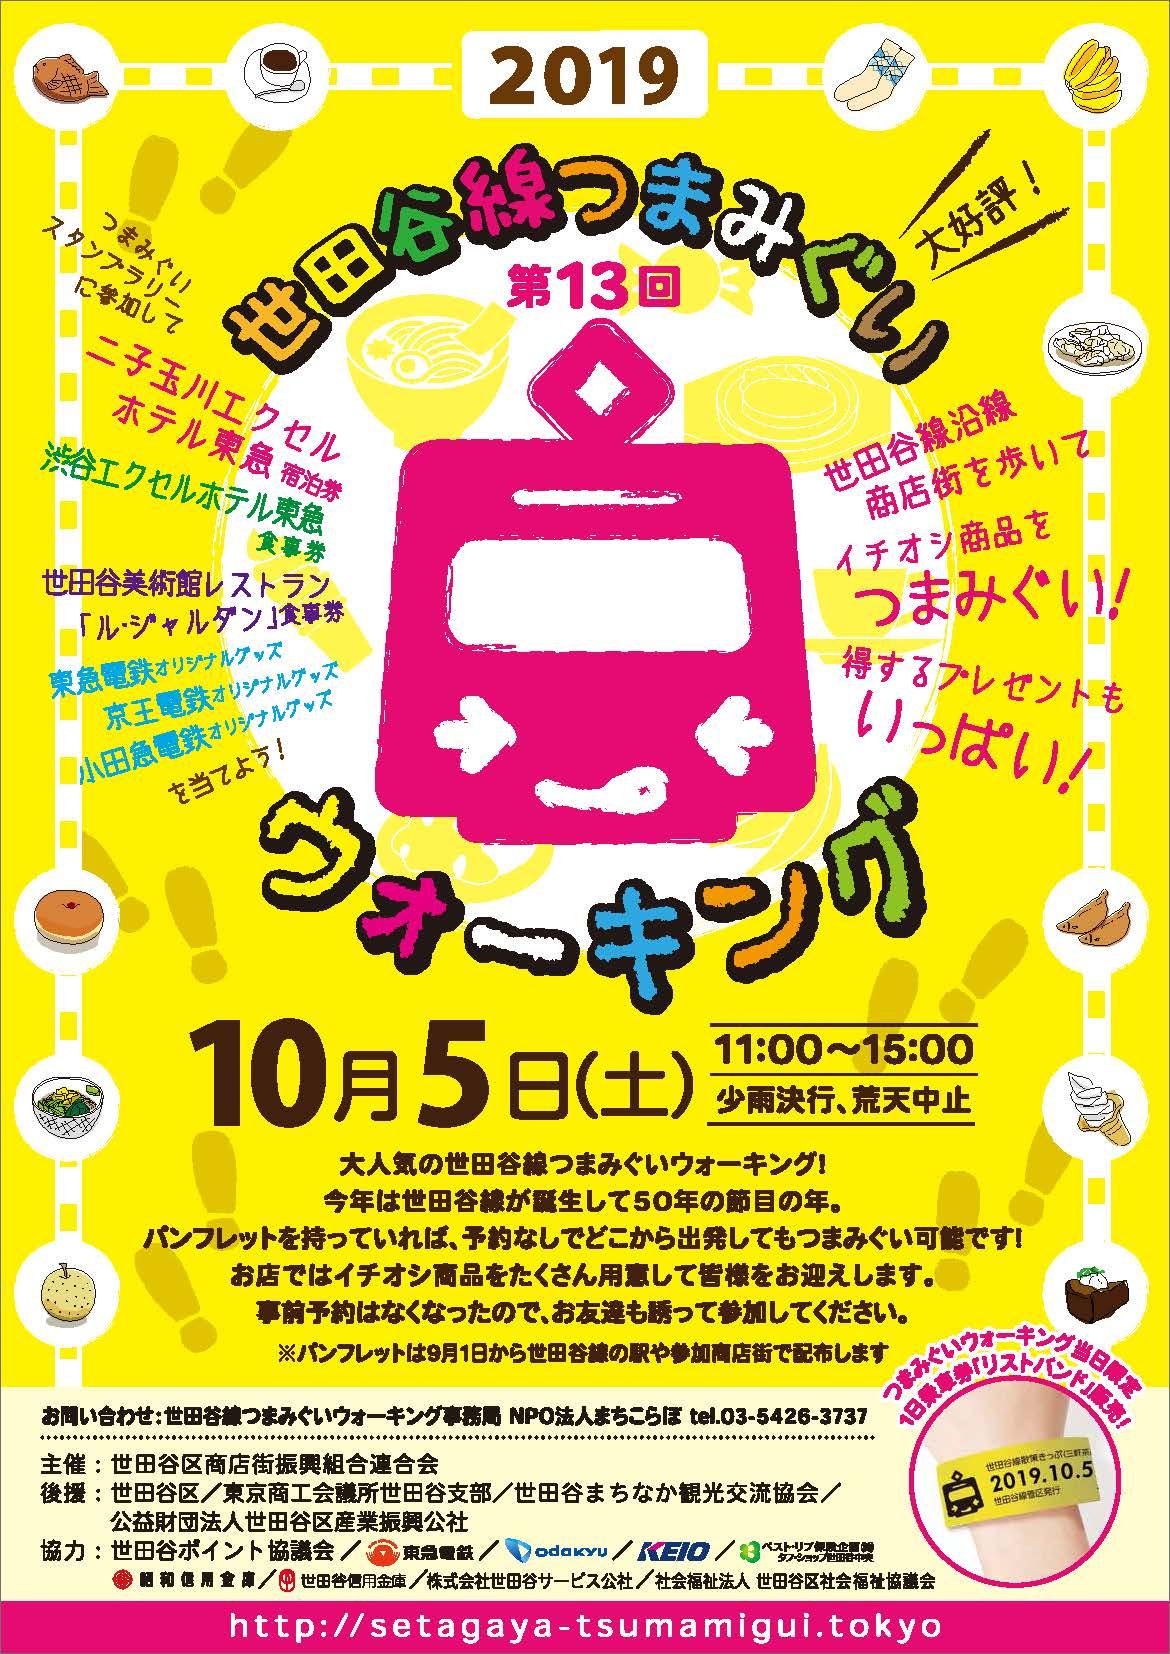 世田谷線つまみぐいウォーキング2019